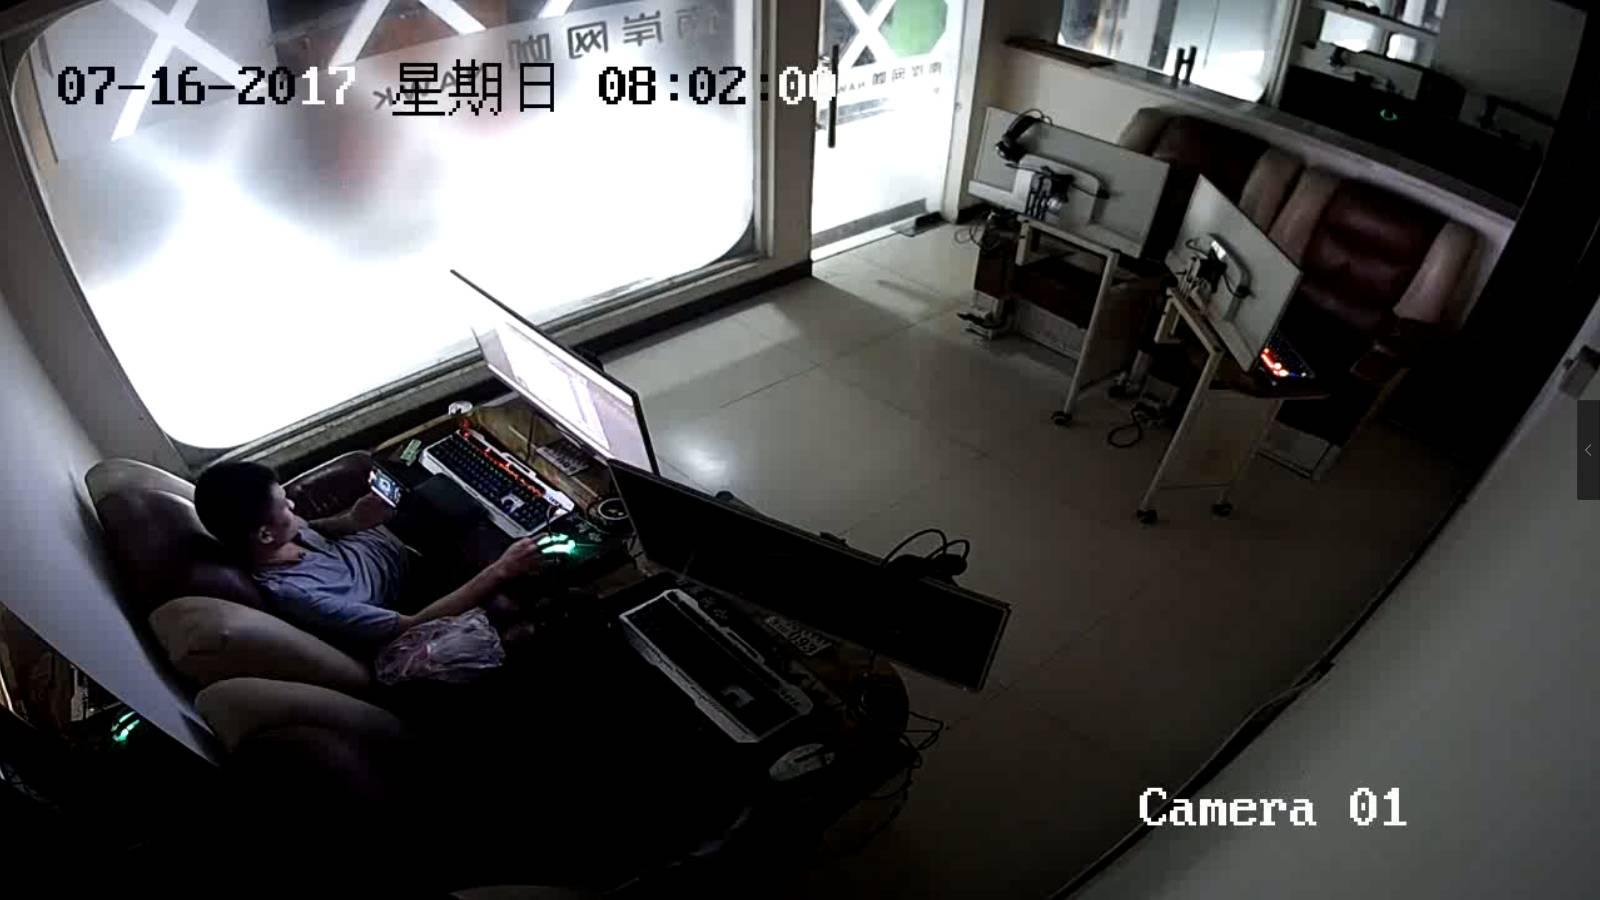 妙龄女子酒店电梯内小便 被监视器拍下全程(图)_... _天涯社区